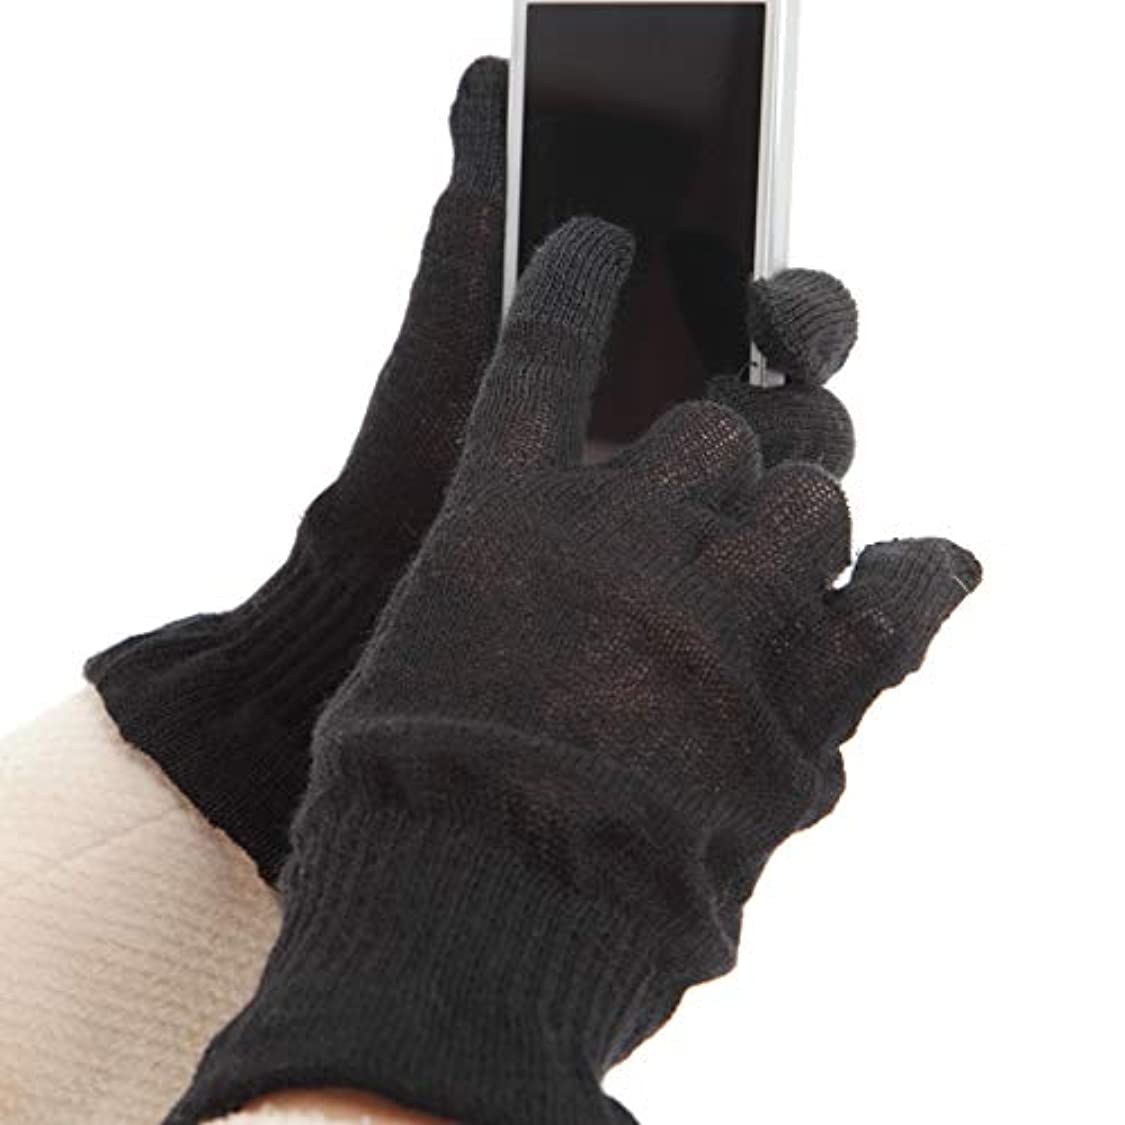 適切なピストン自伝麻福 ヘンプ おやすみ 手袋 スマホ対応 男性用 L 黒 (ブラック) 天然 ヘンプ素材 (麻) タッチパネル スマートフォン対応 肌に優しい 乾燥対策